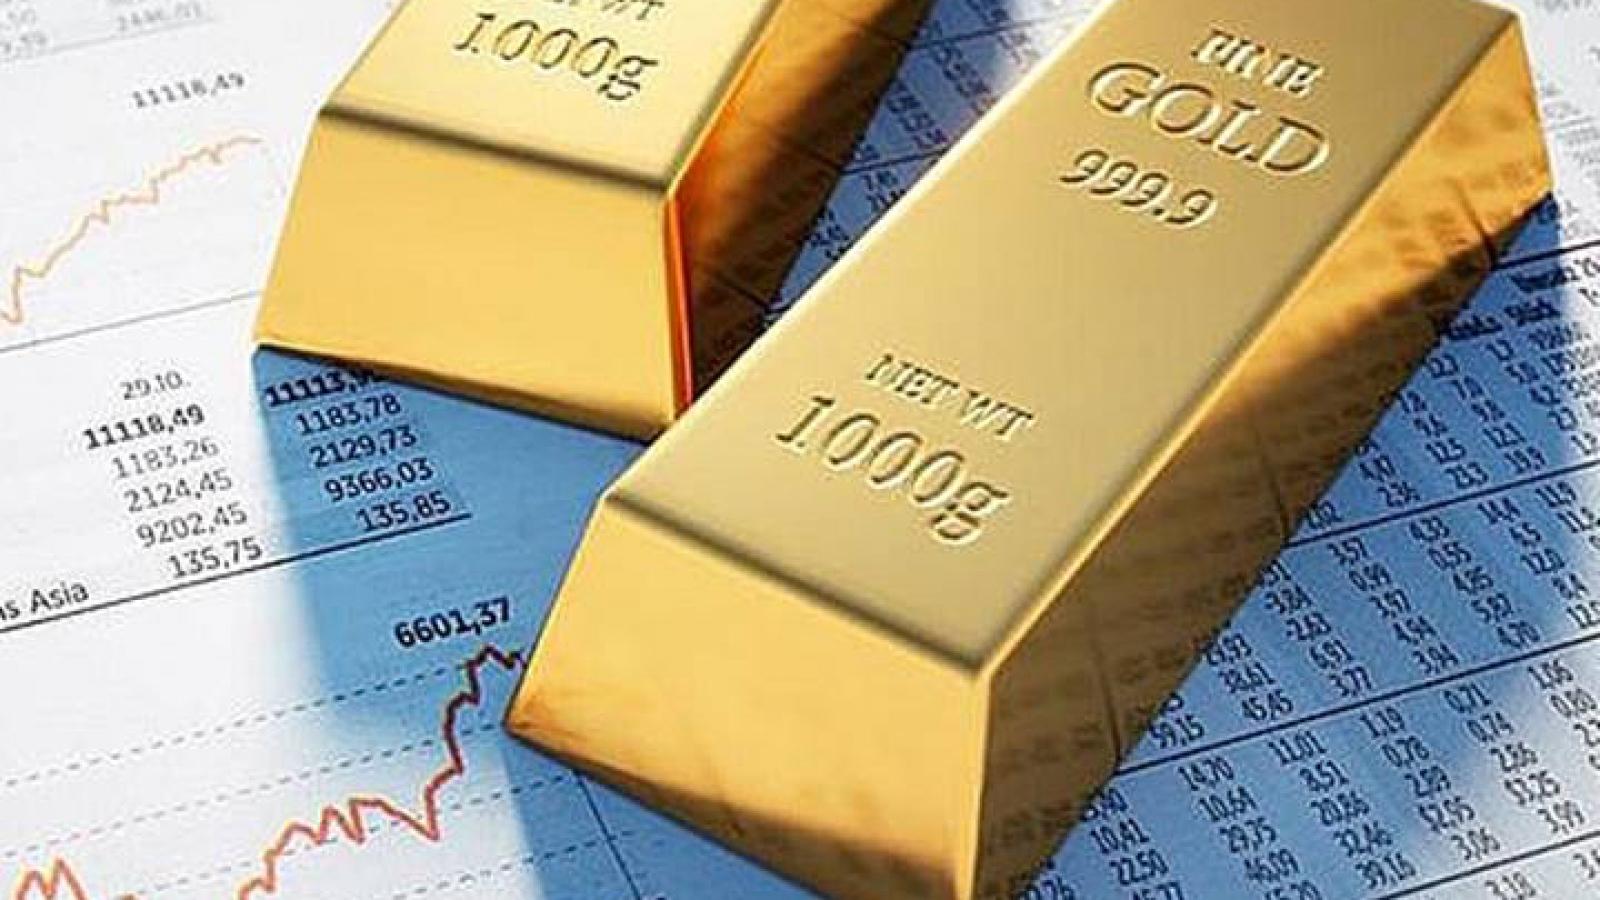 Vàng SJC và vàng thế giới đồng loạt giảm giá